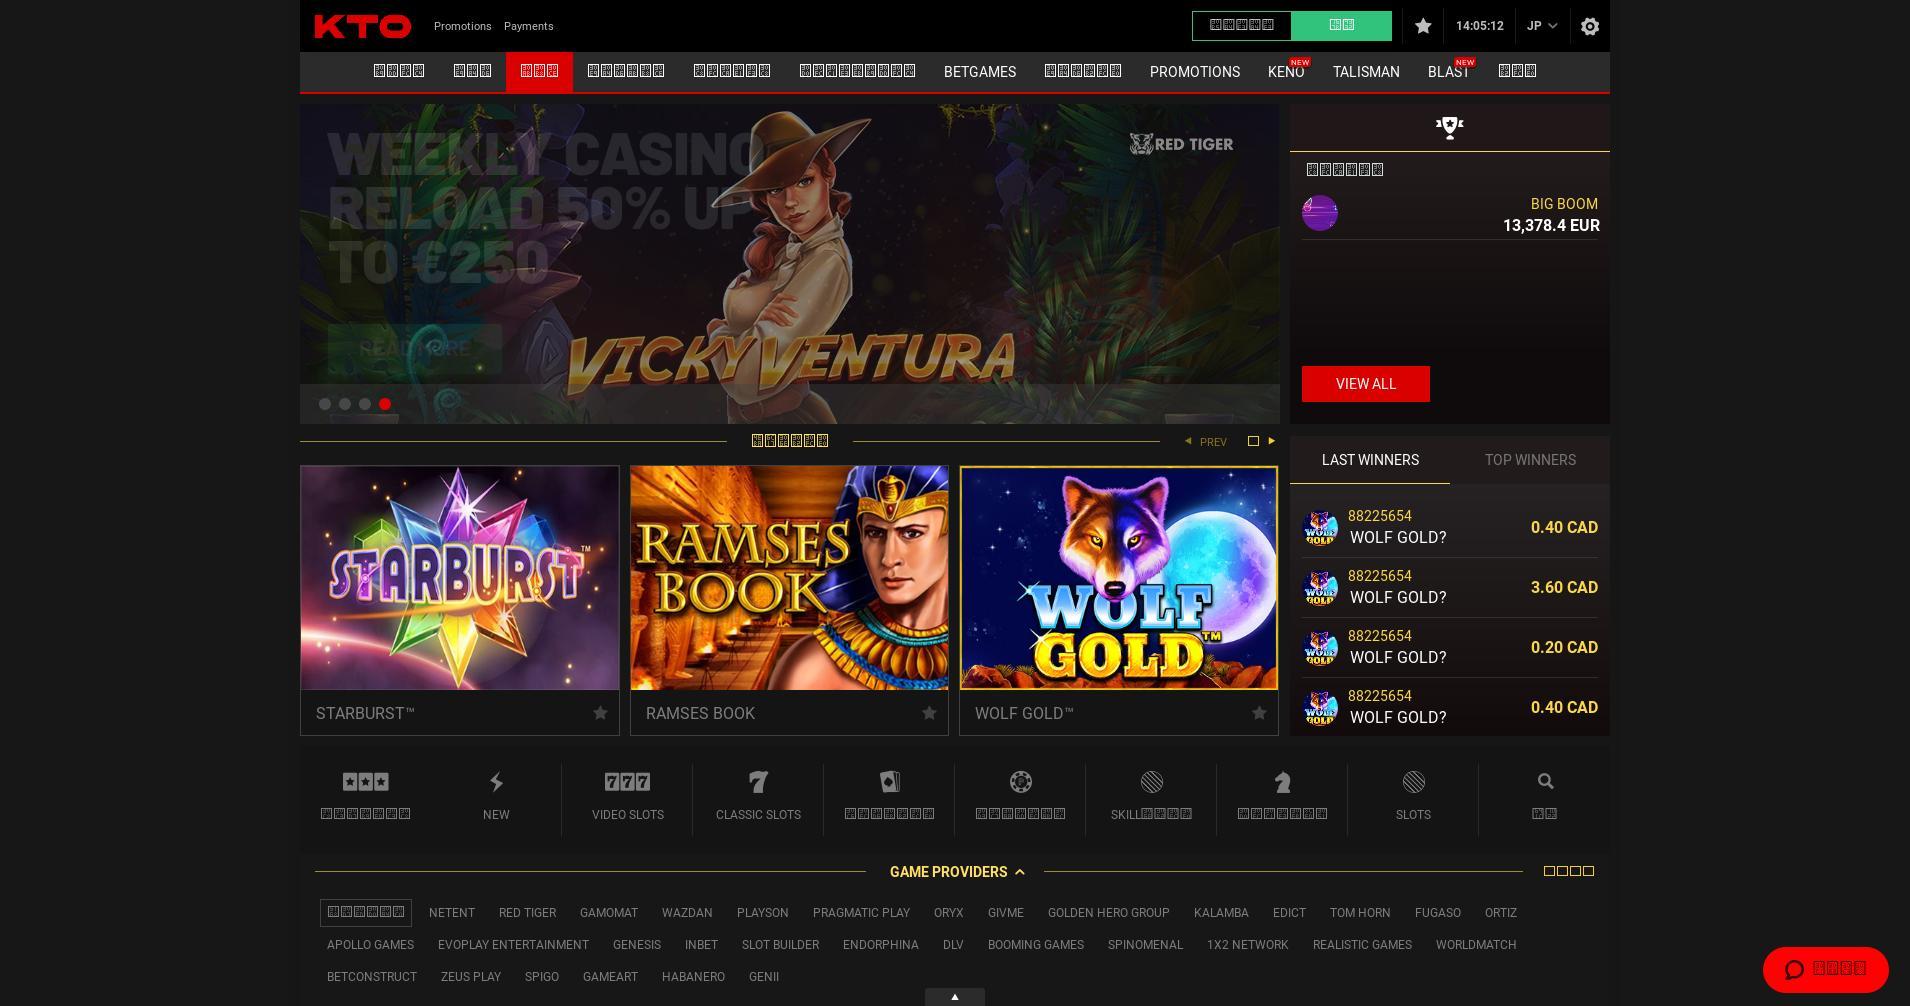 カジノのスクリーン Lobby 2019-10-16 ために 日本